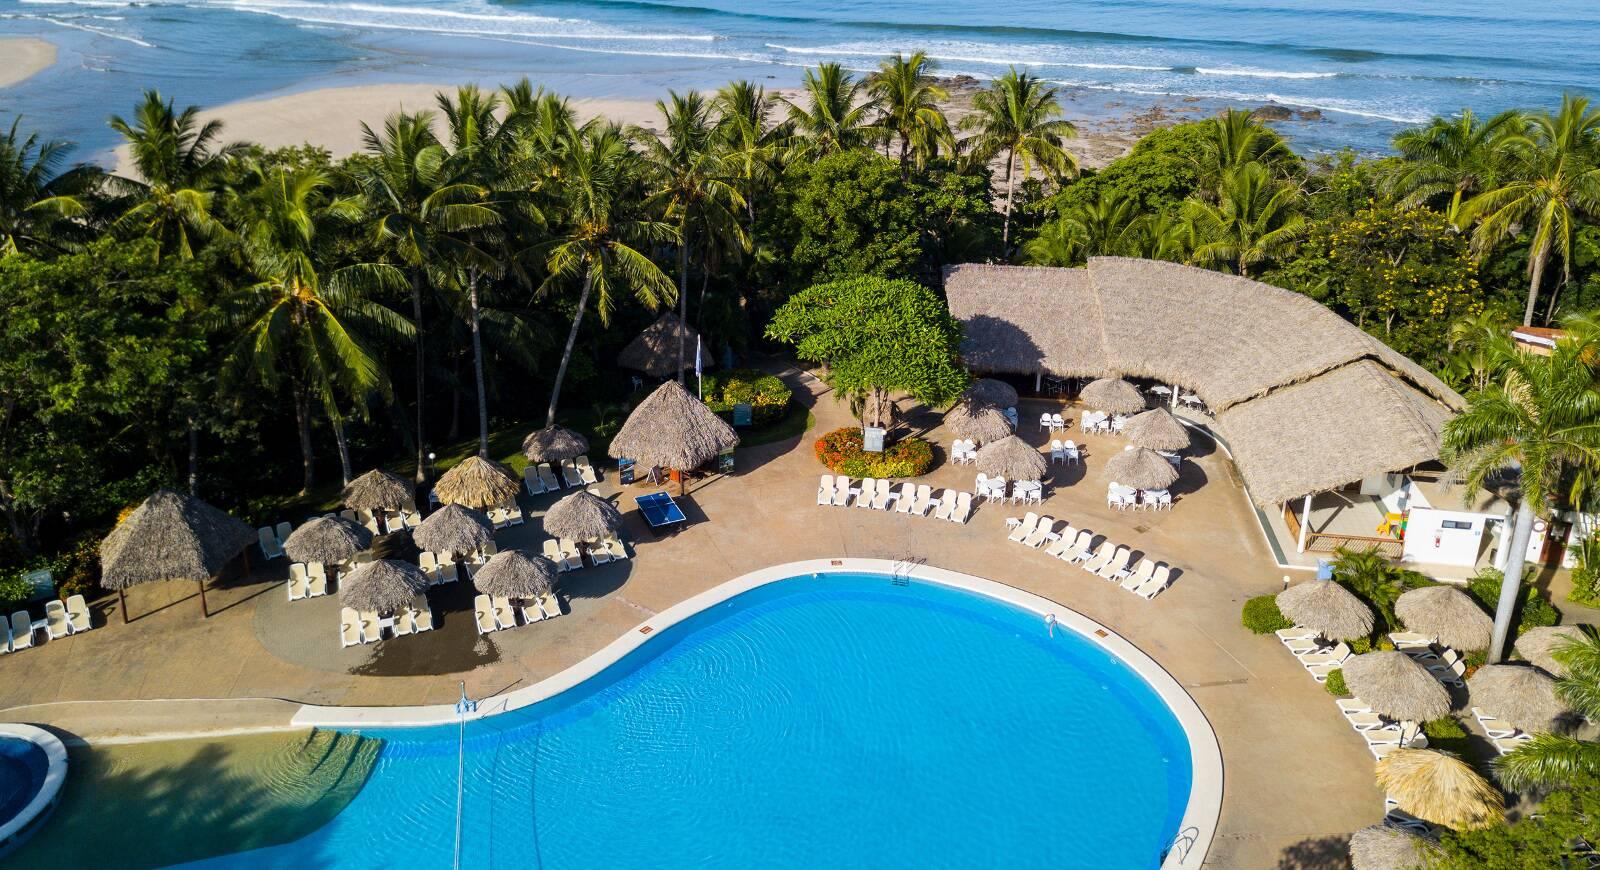 piscine tout inclus costa rica